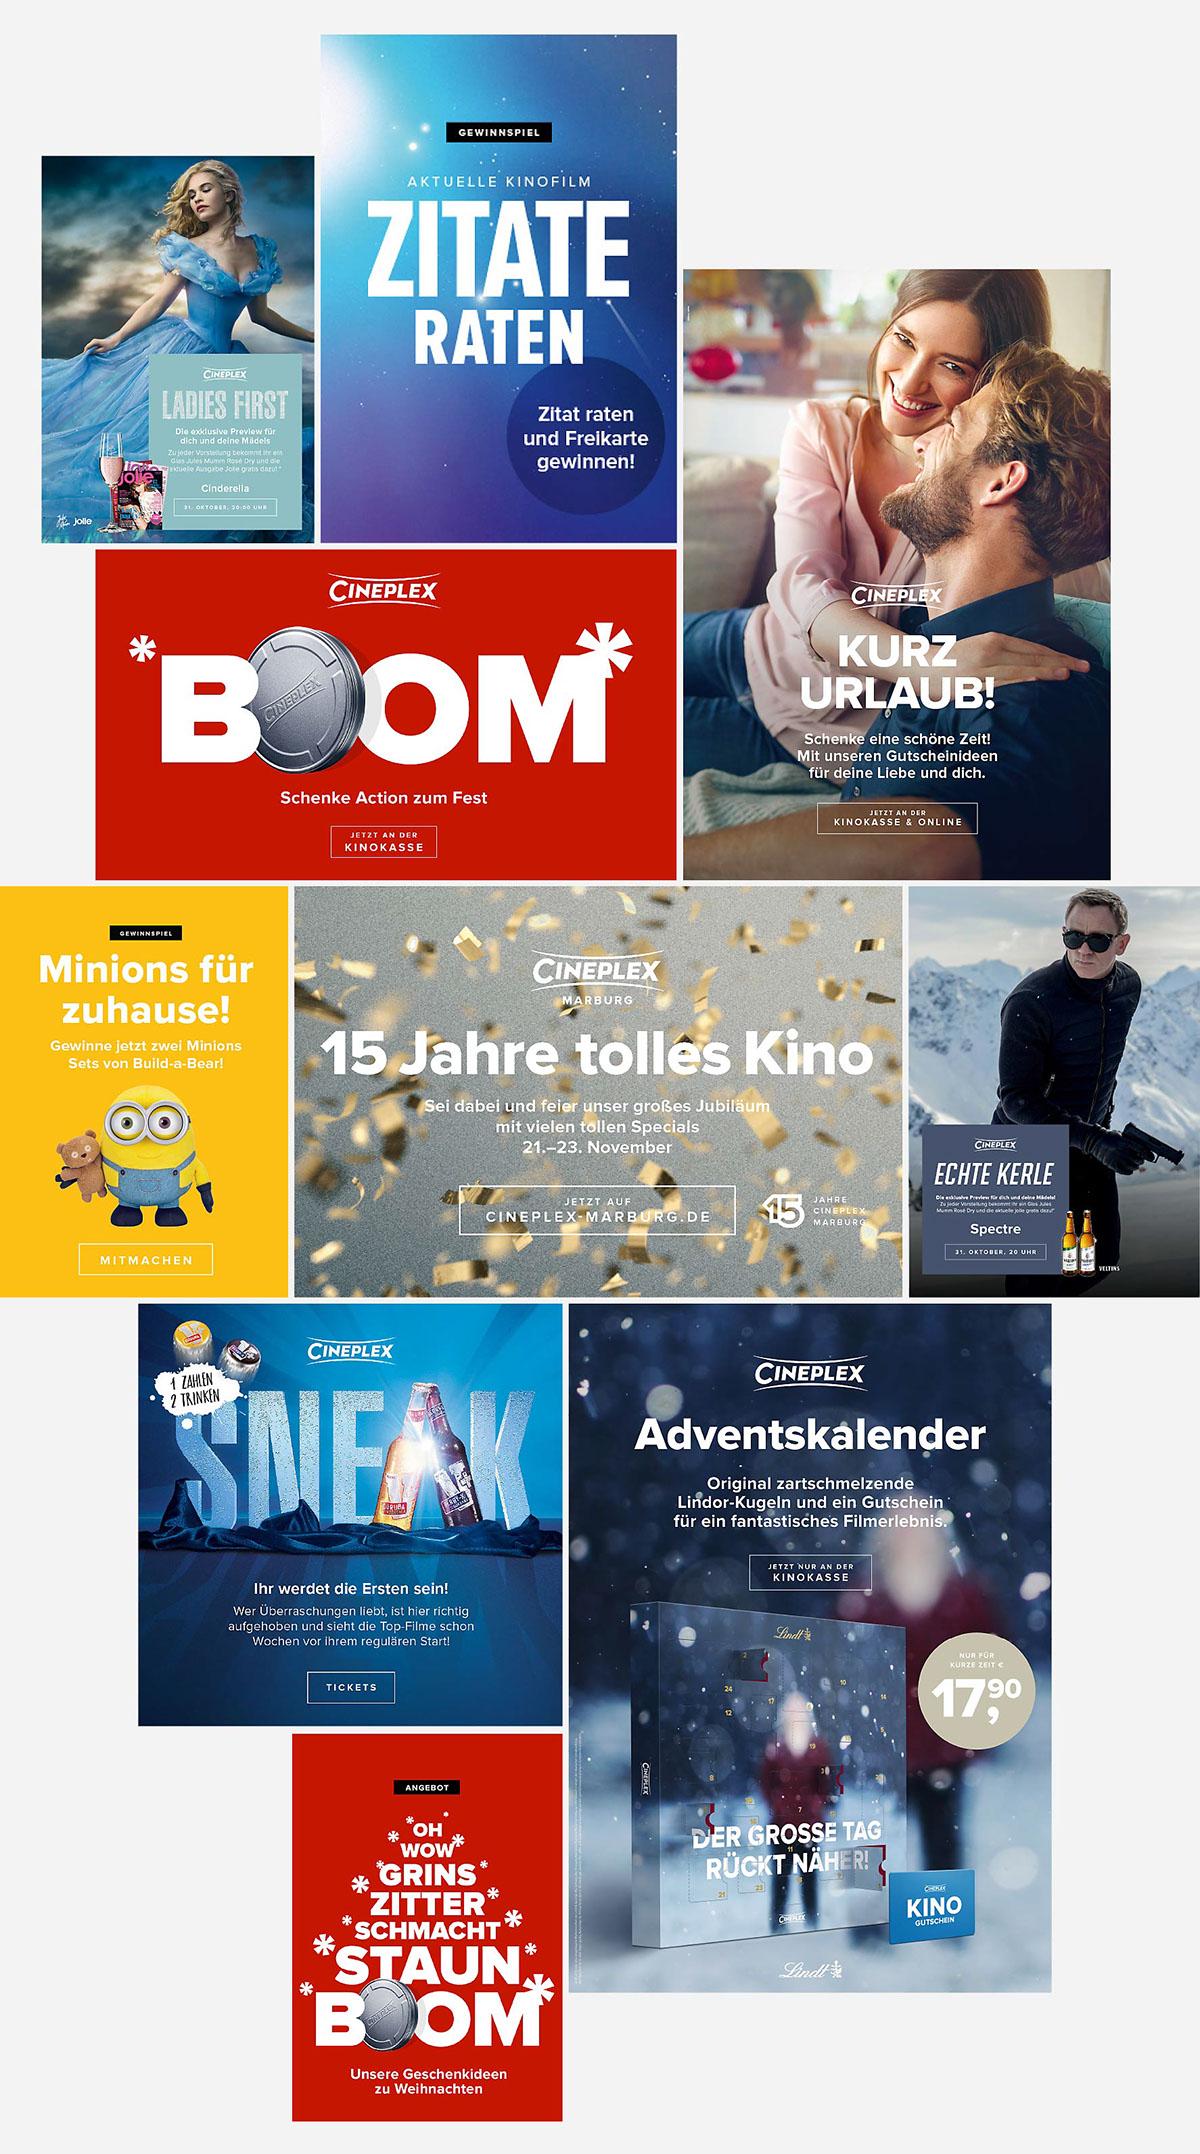 Cinema Gutscheine Kampagne kino campaign